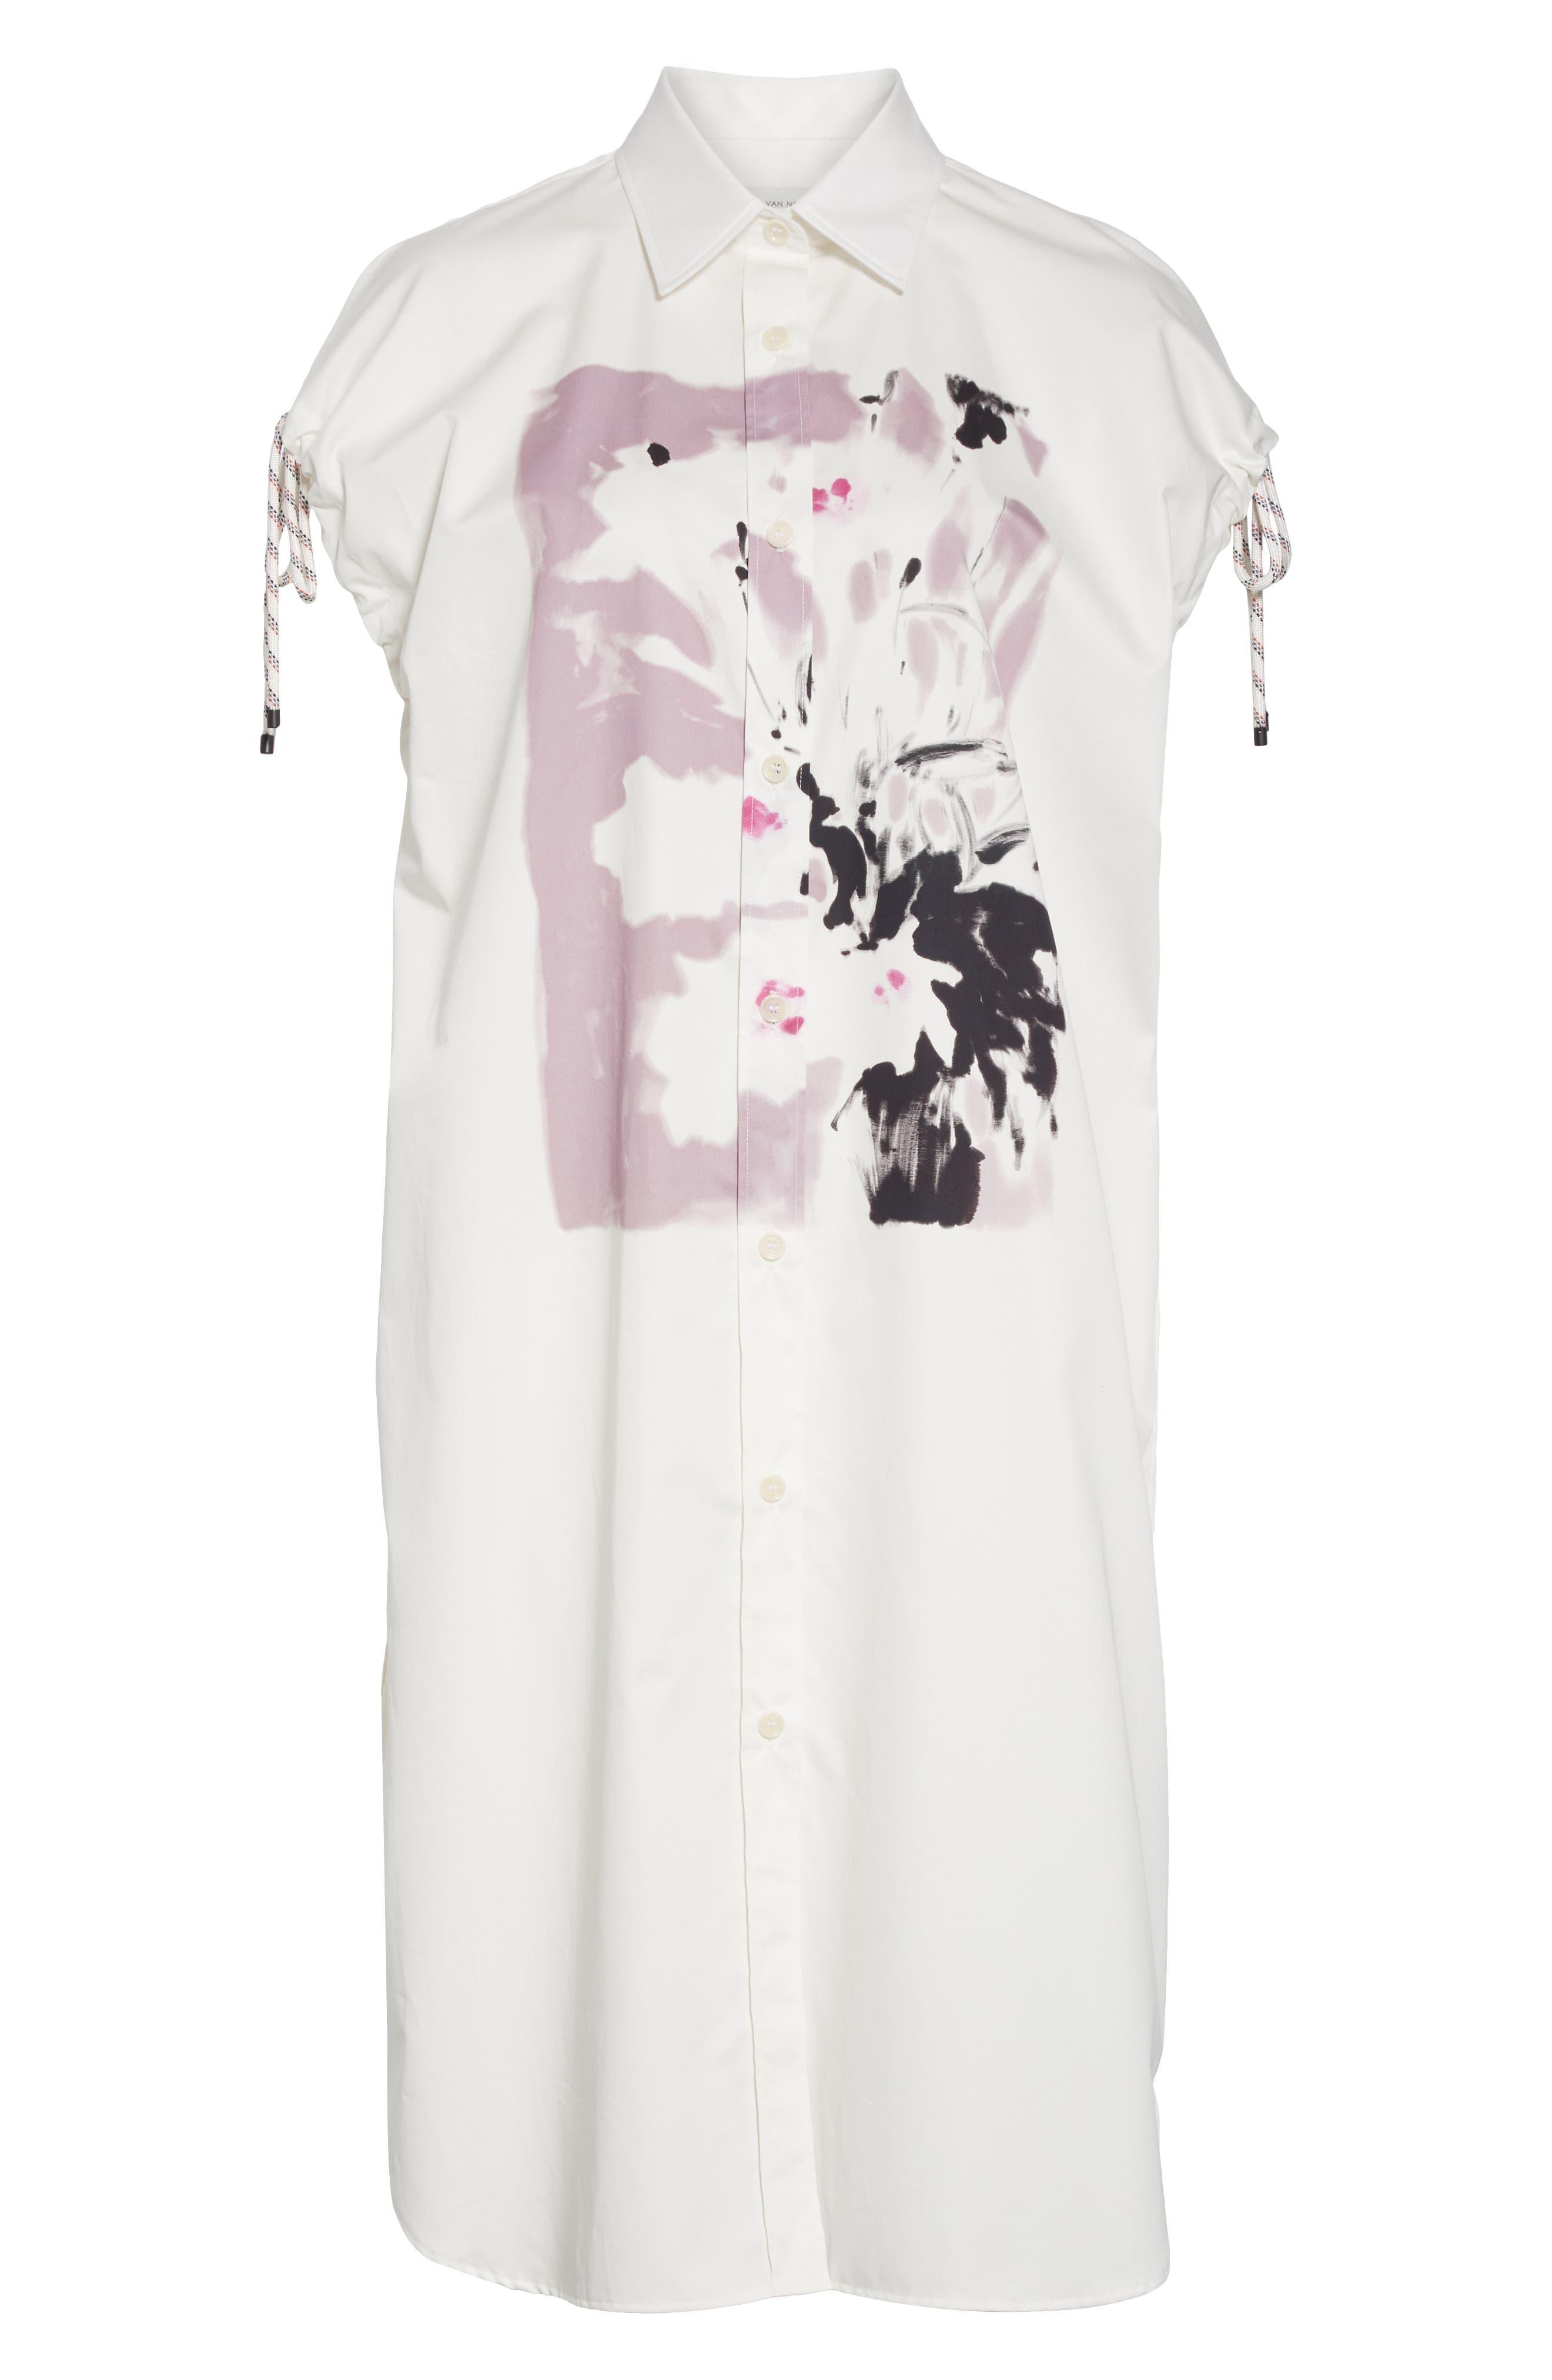 DRIES VAN NOTEN, Dantia Floral Print Cotton Shirt, Alternate thumbnail 6, color, LILAC